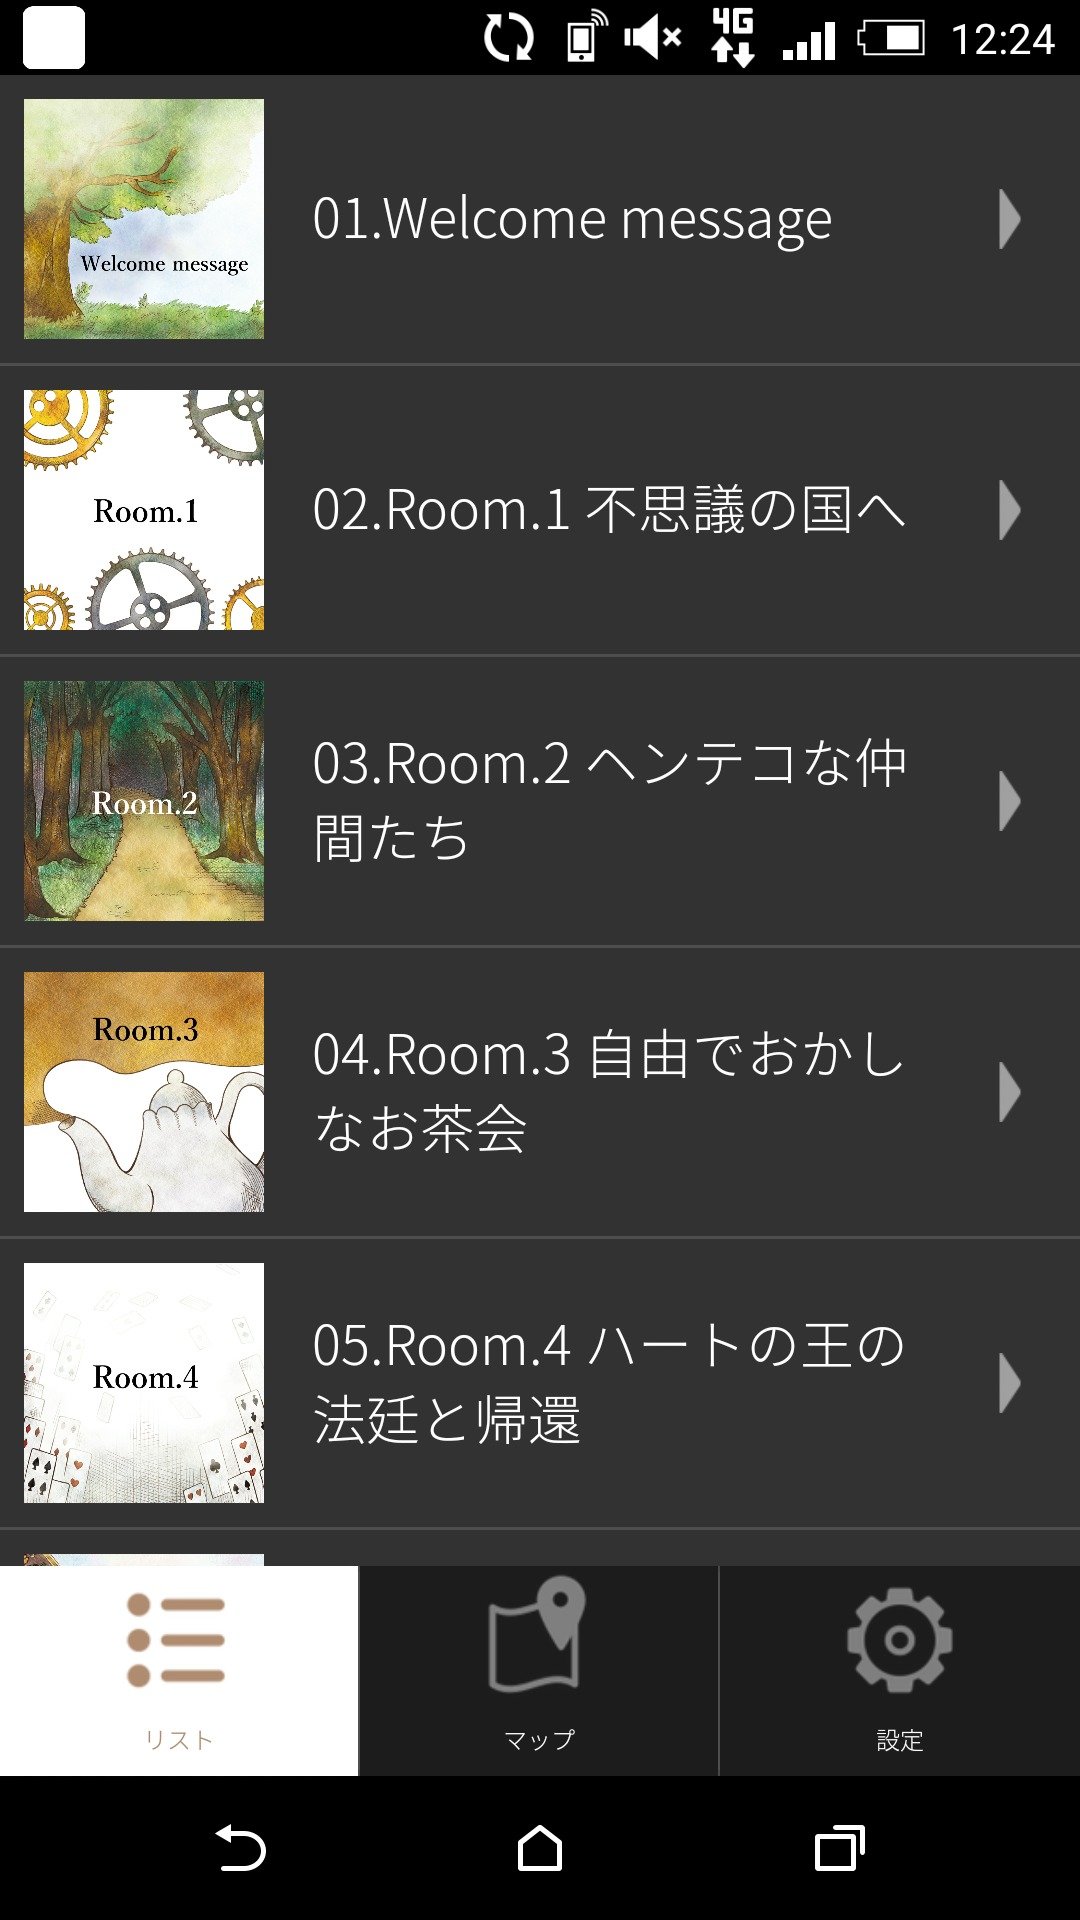 本展の音声ガイドアプリ